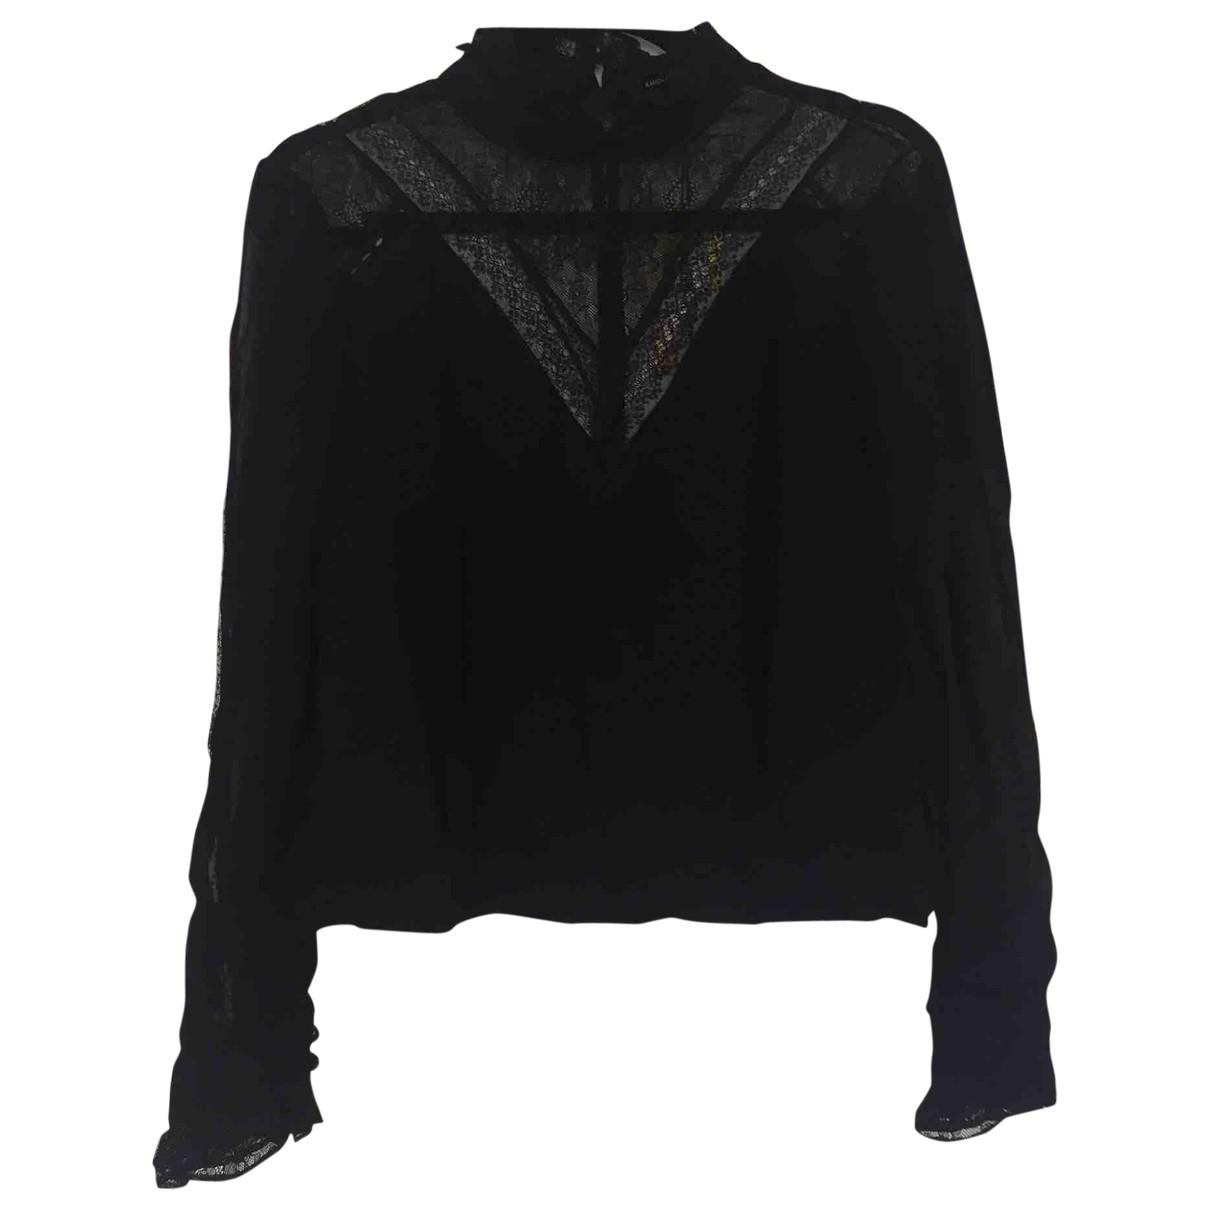 Karen Millen \N Black Lace  top for Women 12 UK